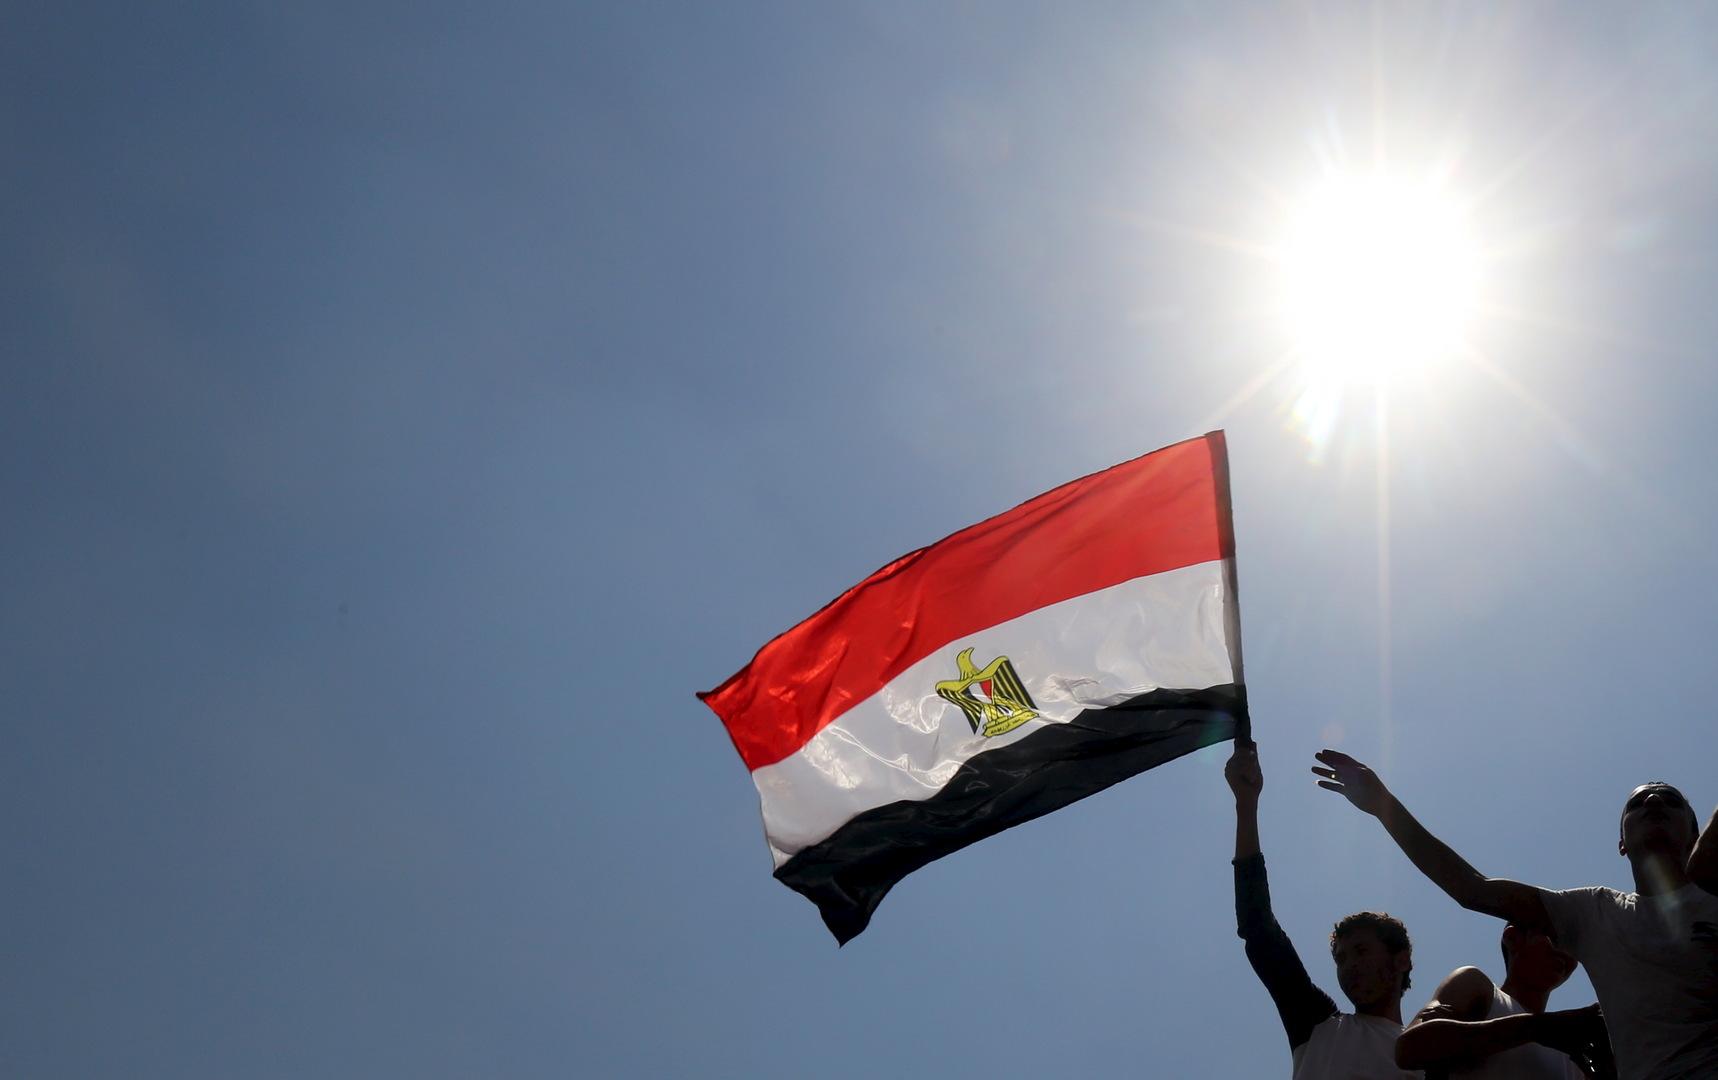 الحكومة المصرية تحذر من وصول مصر إلى السيناريو الثالث من أزمة كورونا